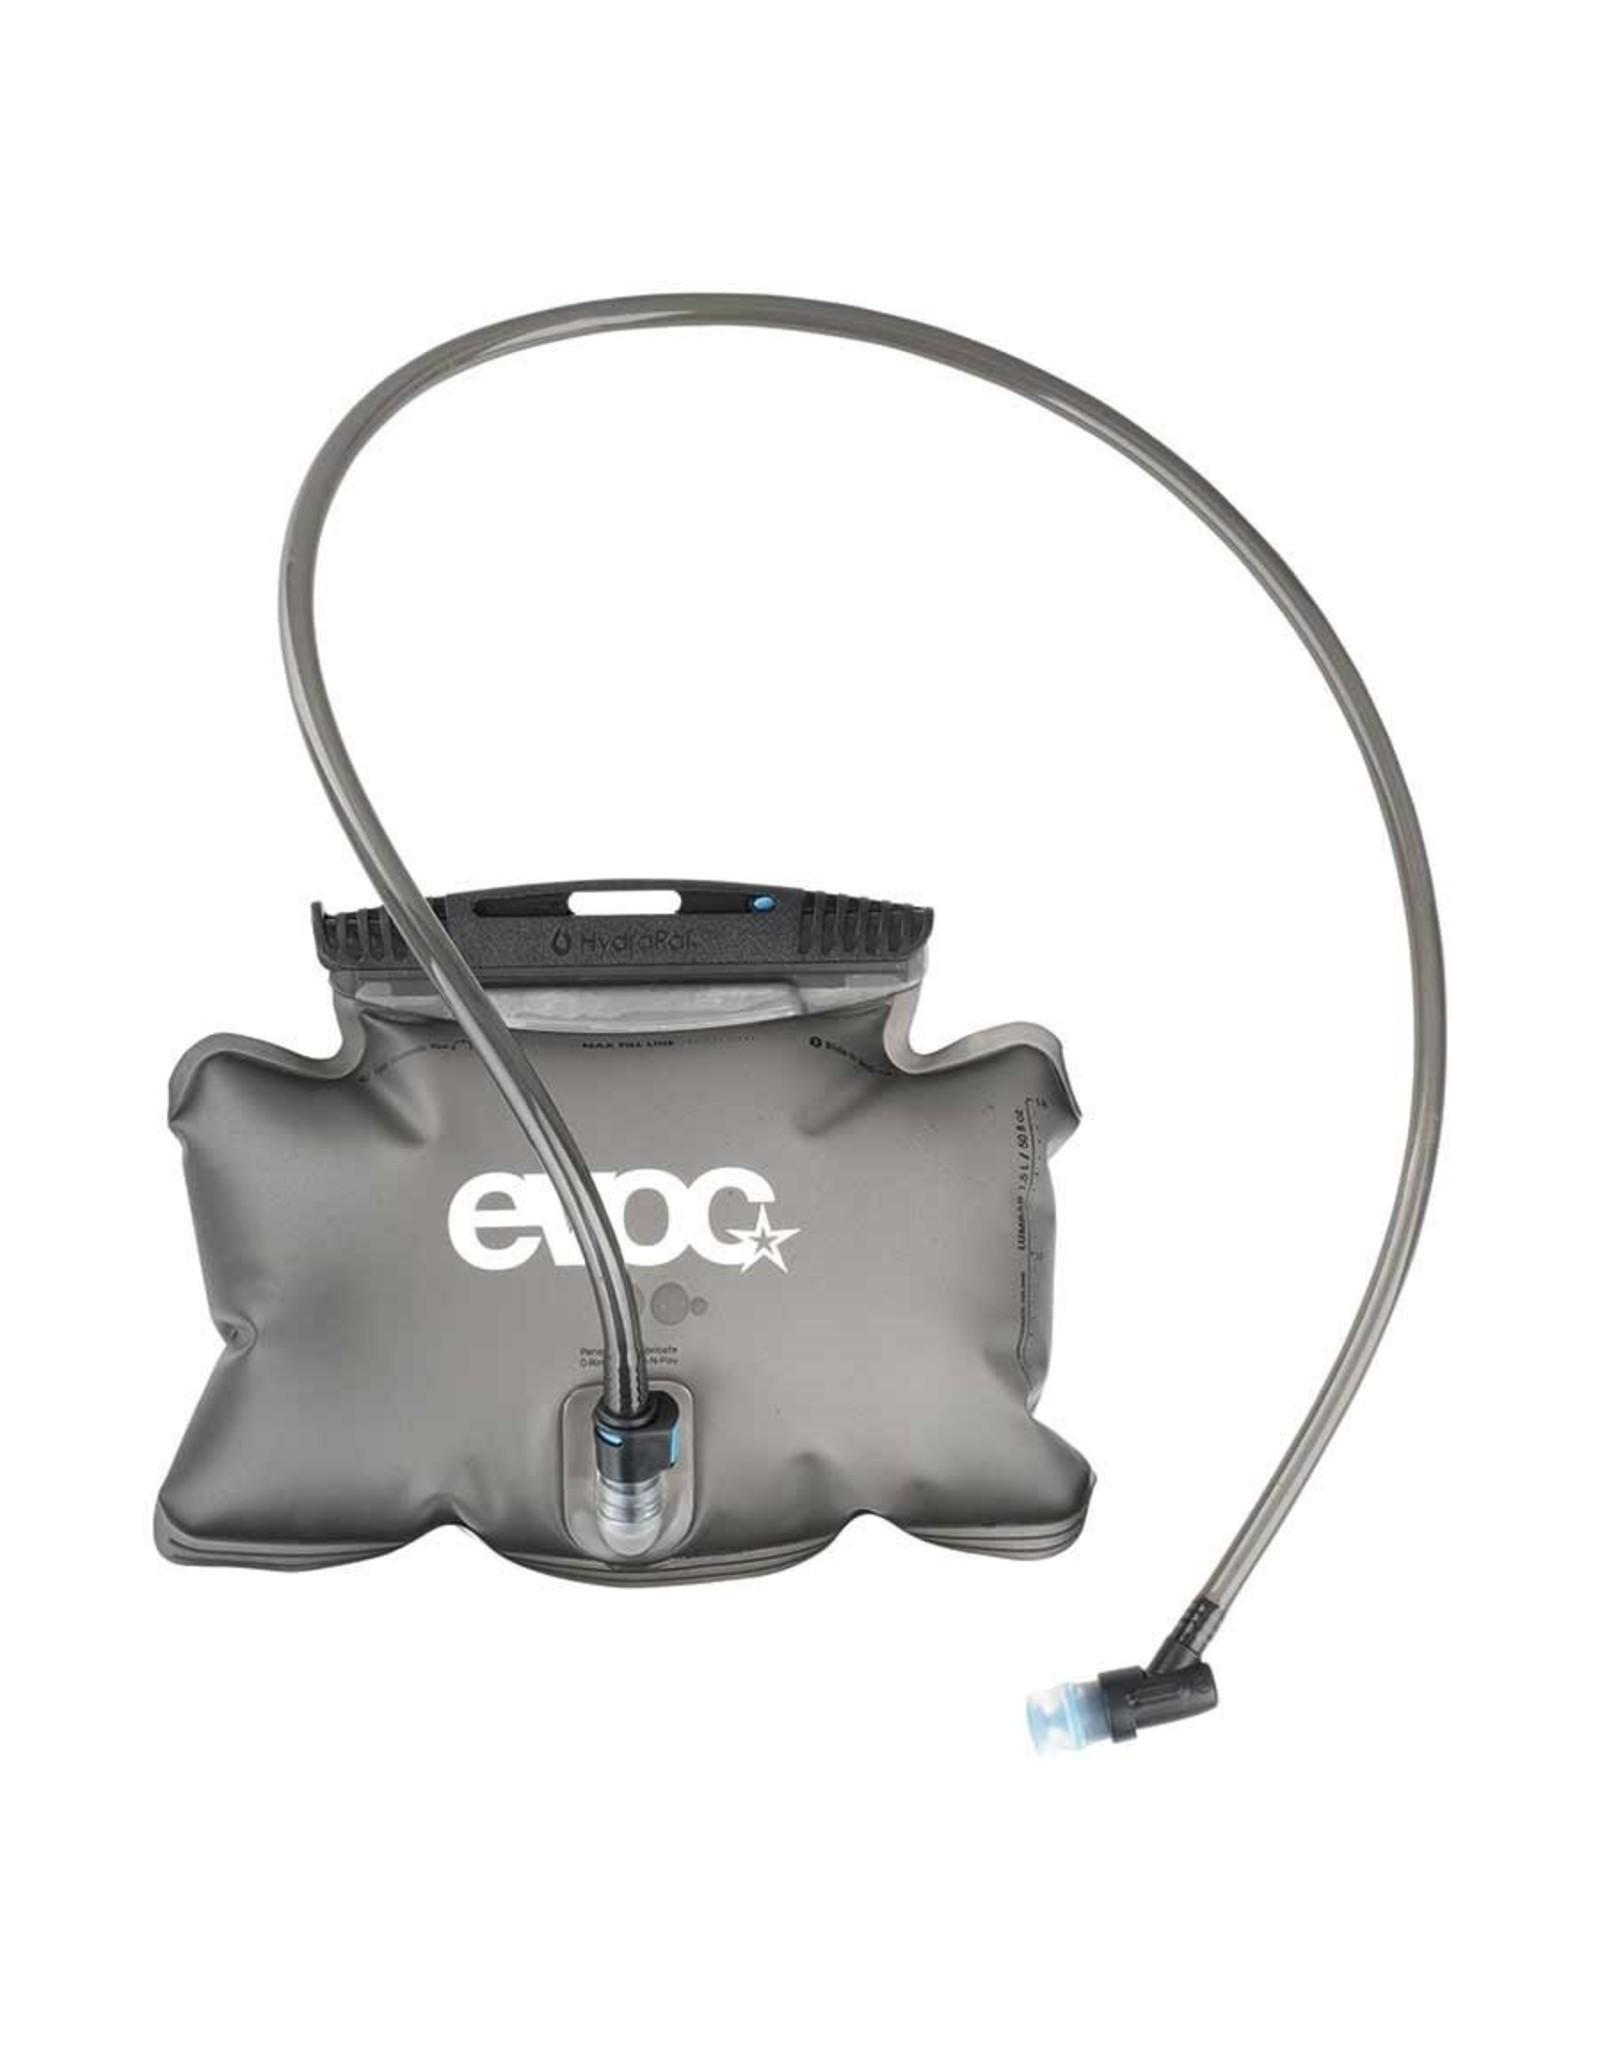 EVOC EVOC, Hydration Bladder, 1.5L, Carbon Grey